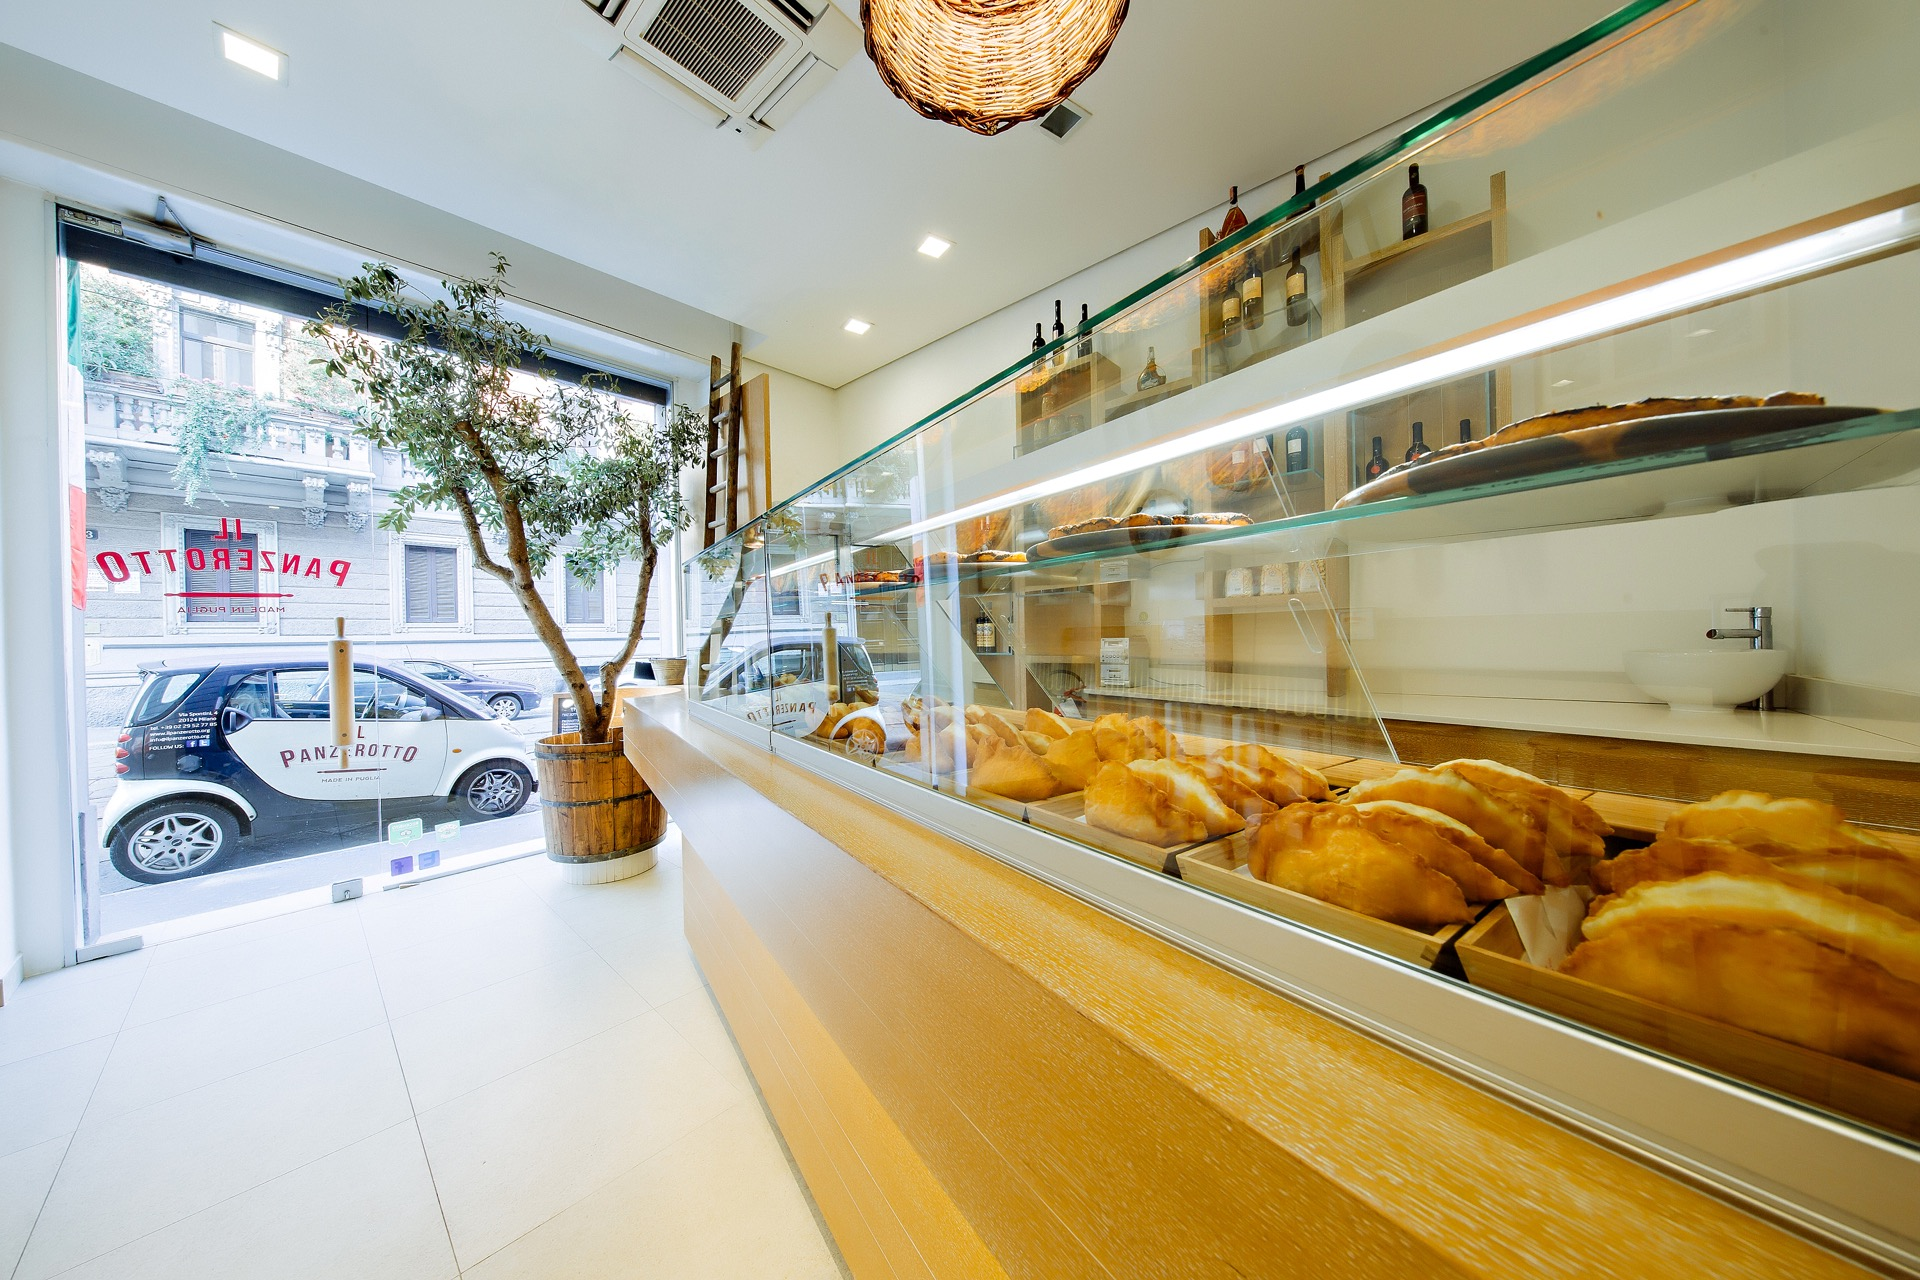 franchising street food alimentare panzerotto oanzerotti2015_05_06_Il_Panzerotto_0008